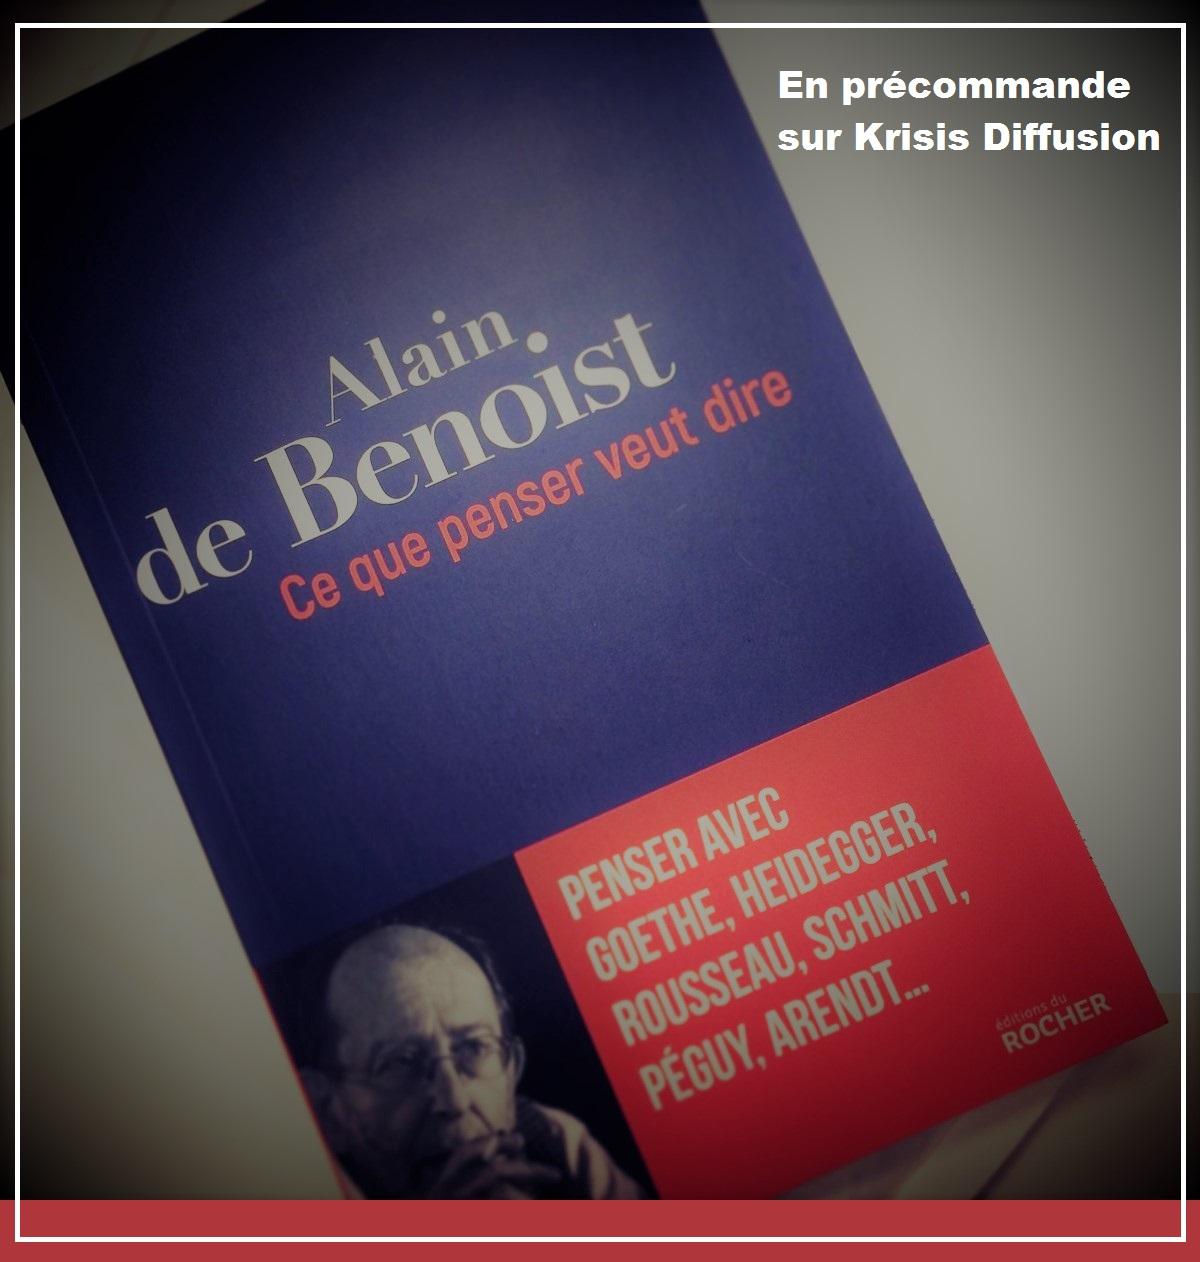 Le prochain livre d'Alain de Benoist